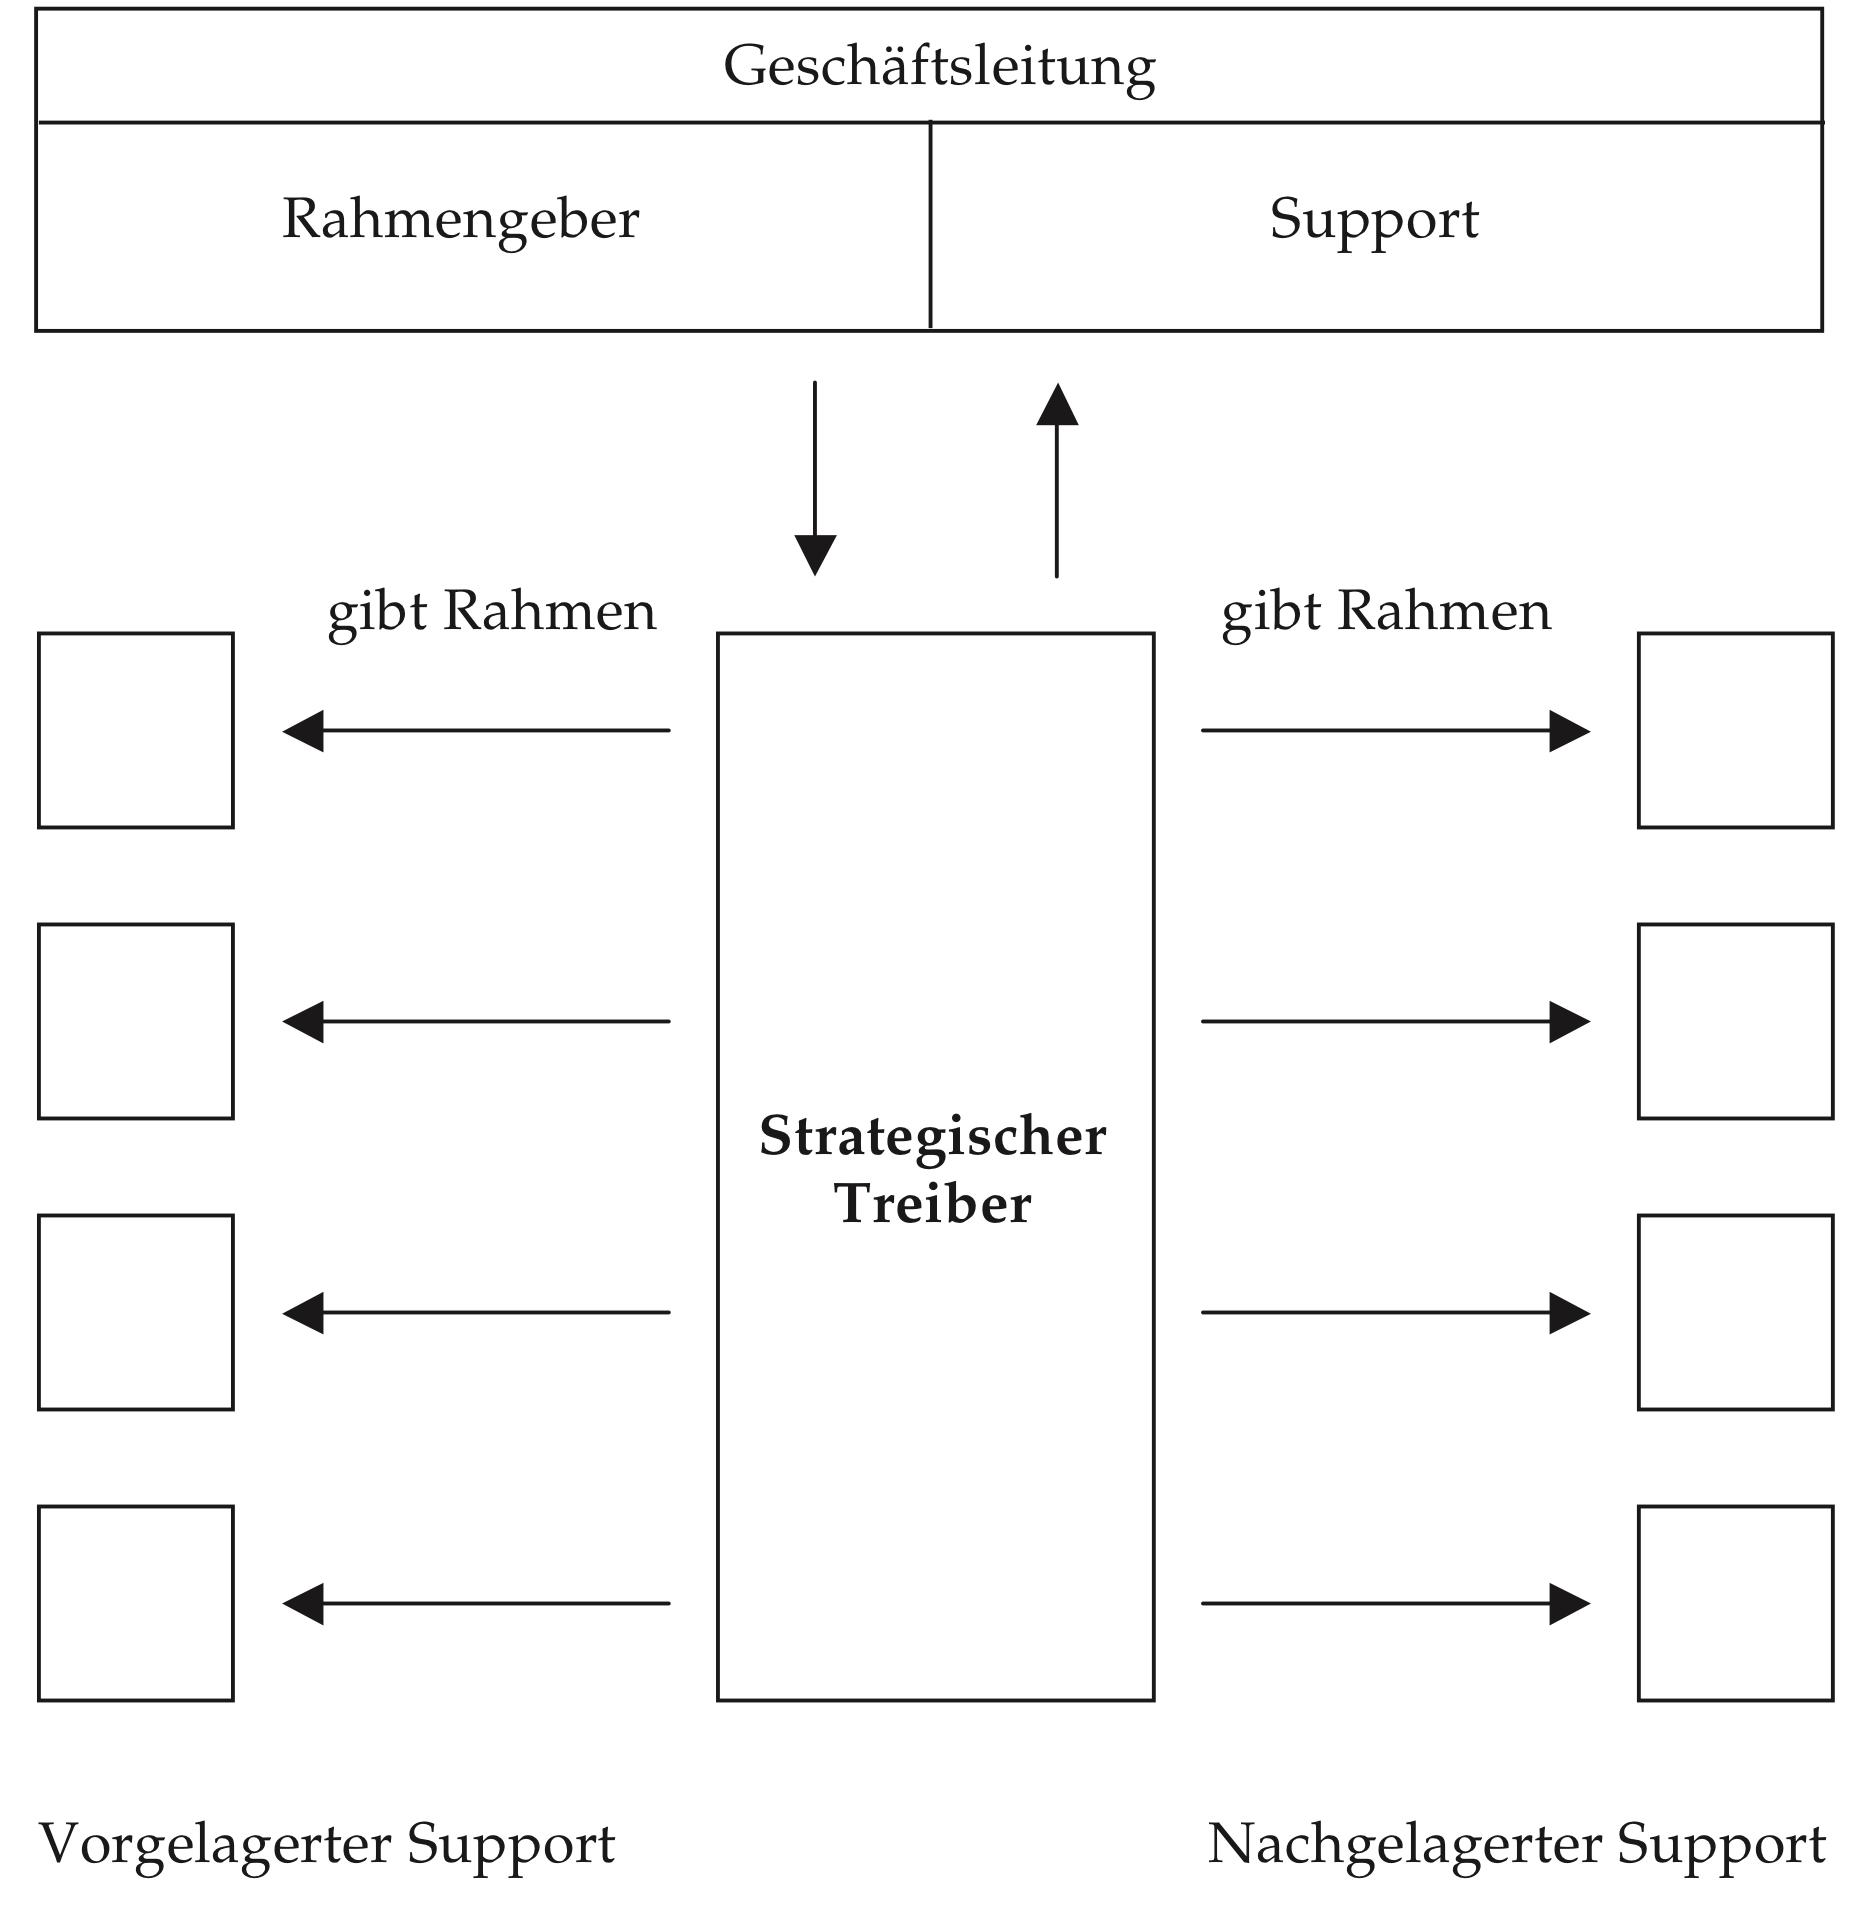 Dr. Sonja Radatz: Wie der Relationale Ansatz unsere Welt umdreht - IRBW